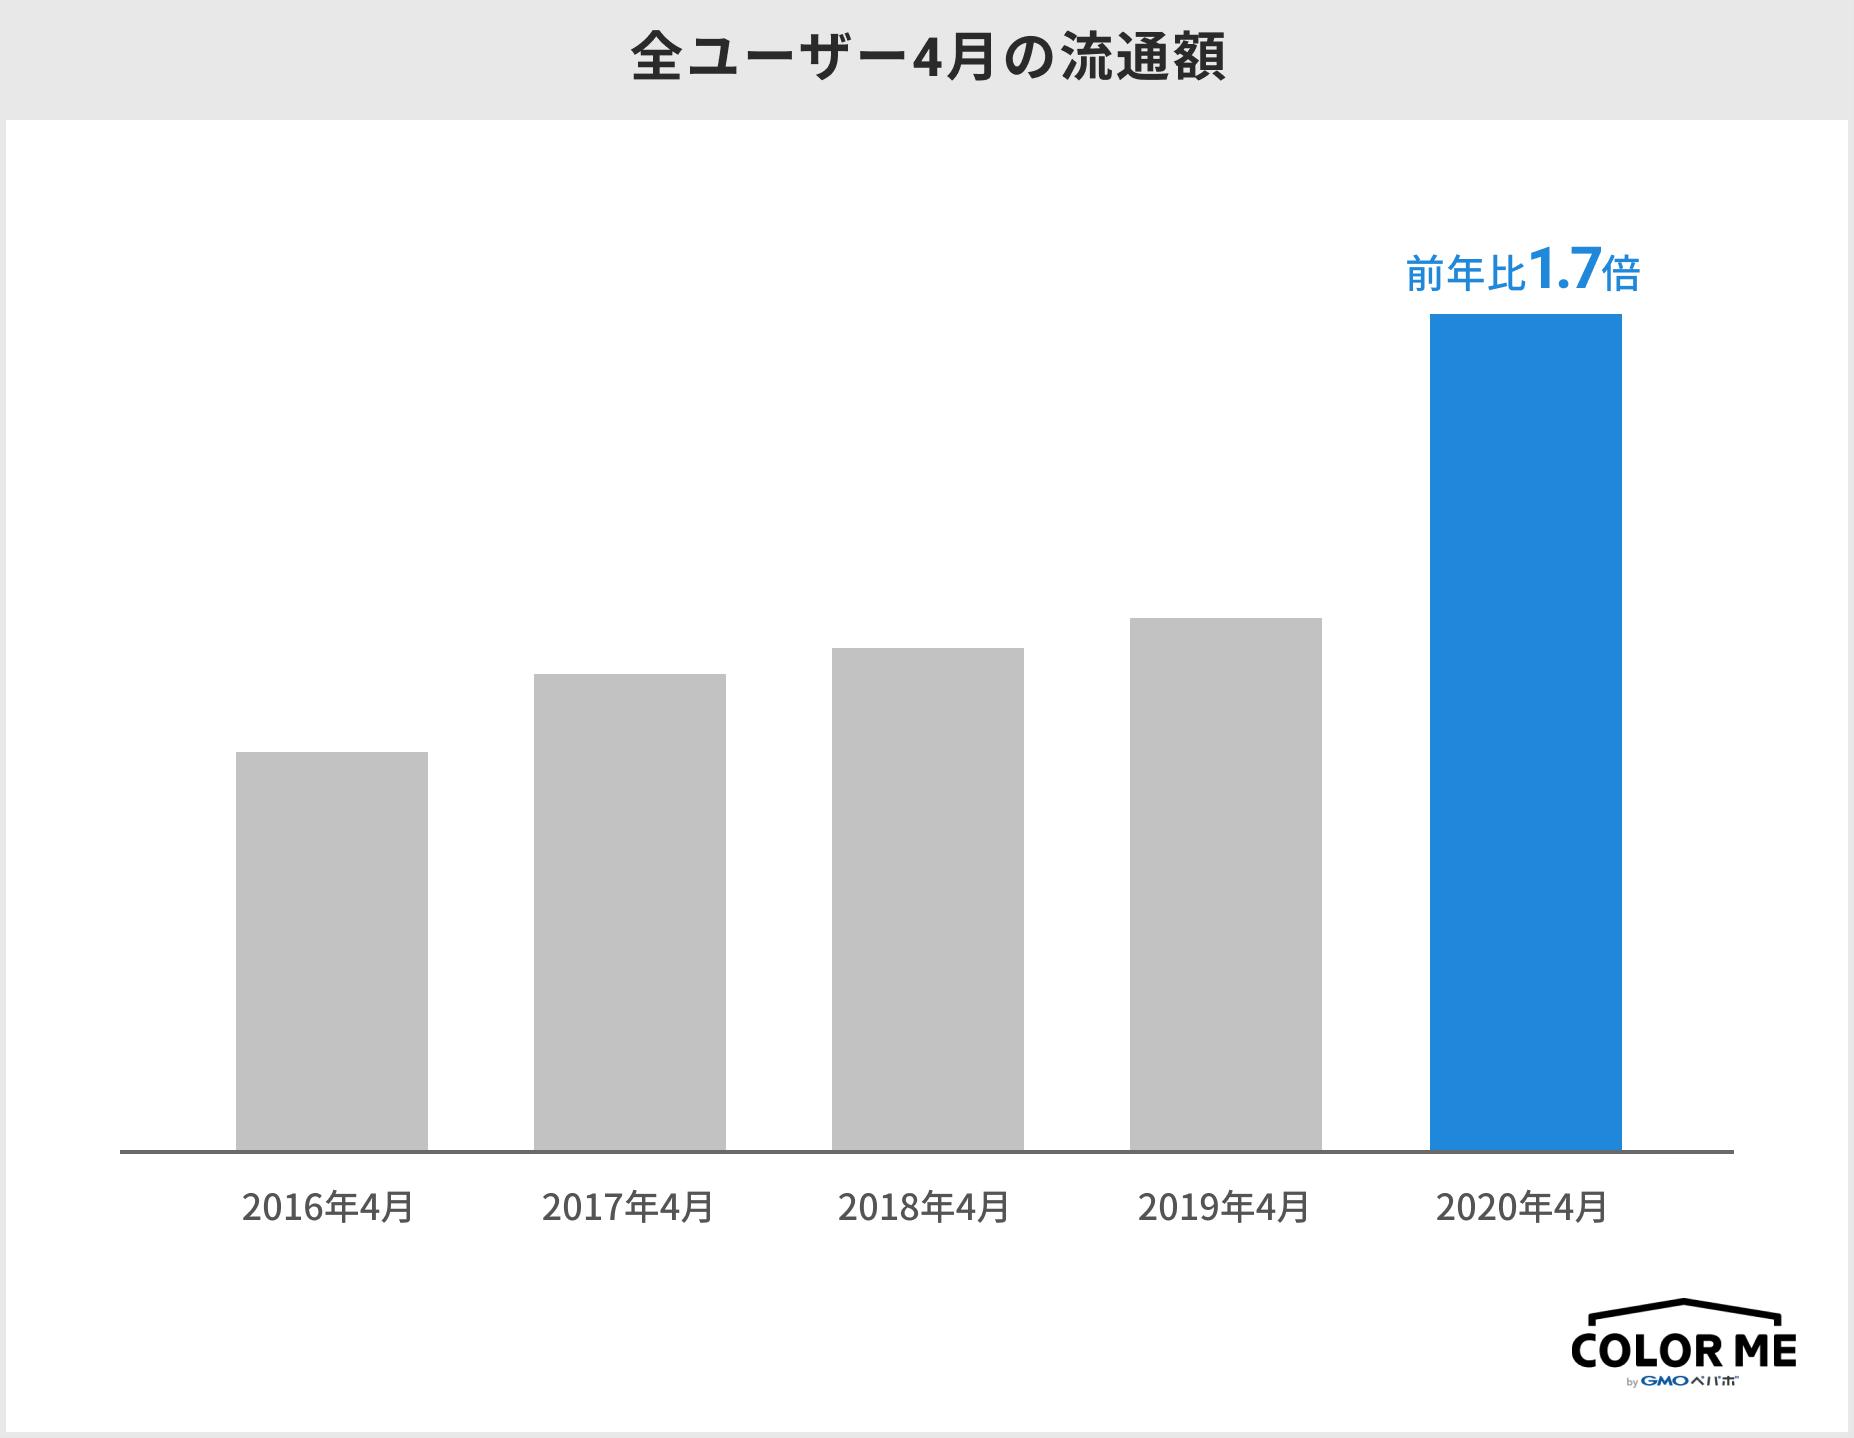 全ユーザーの流通額のグラフの画像。2020年4月に集計した流通額は、2019年4月と比較して約1.7倍に成長している。